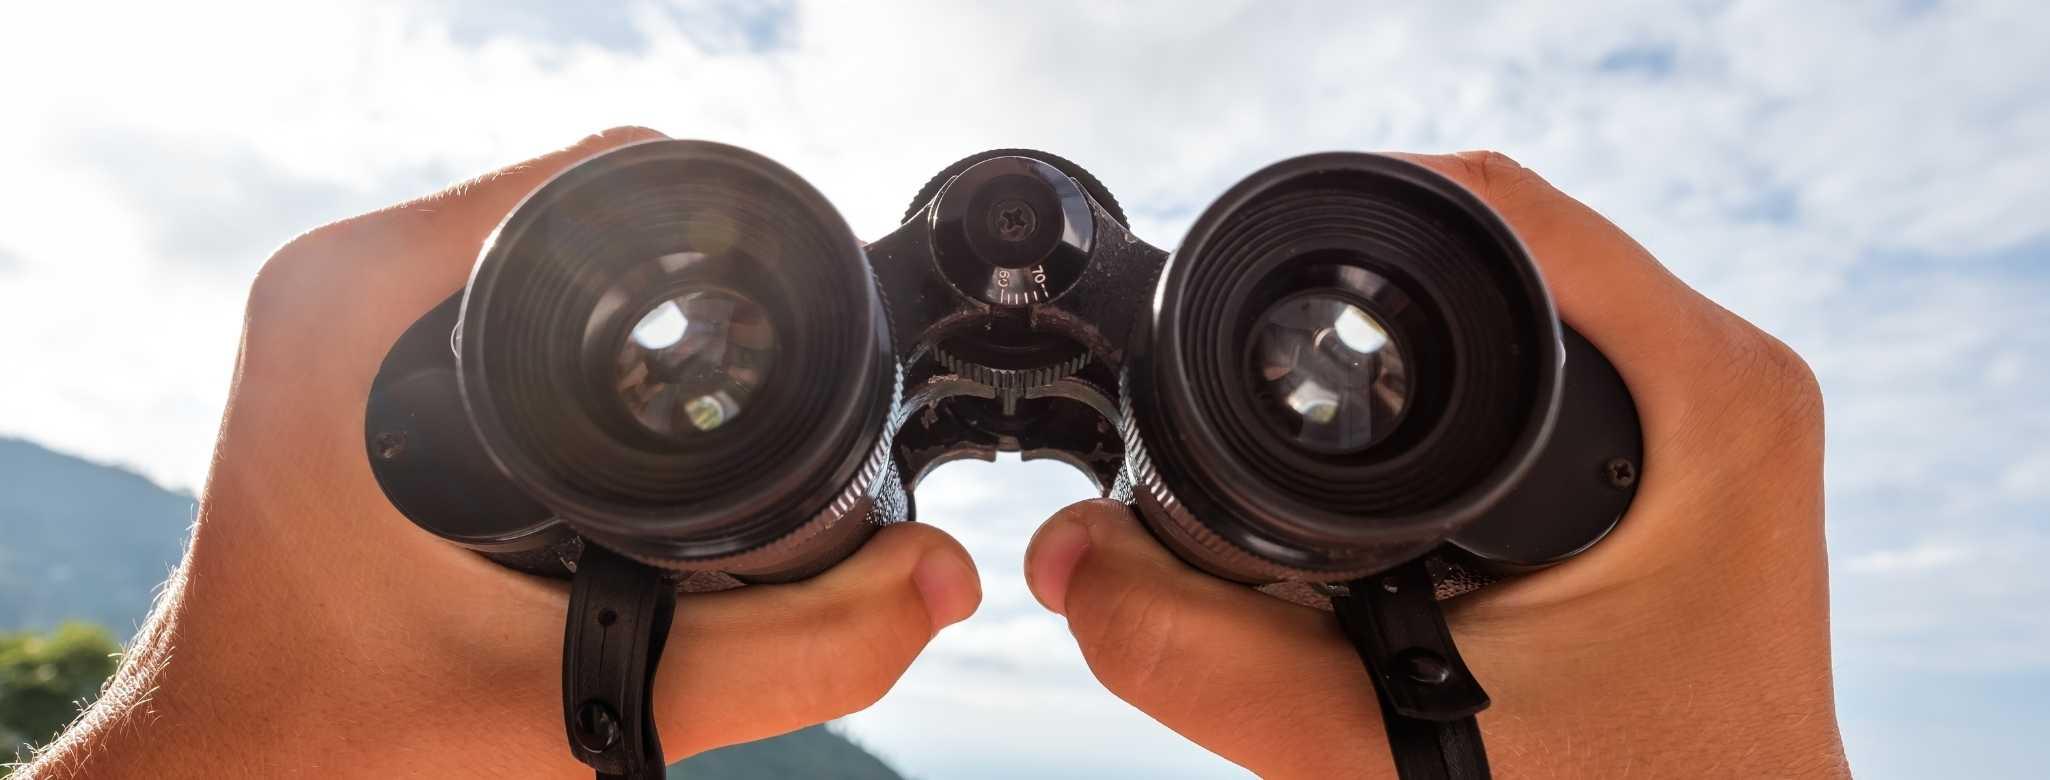 Dein Fokus